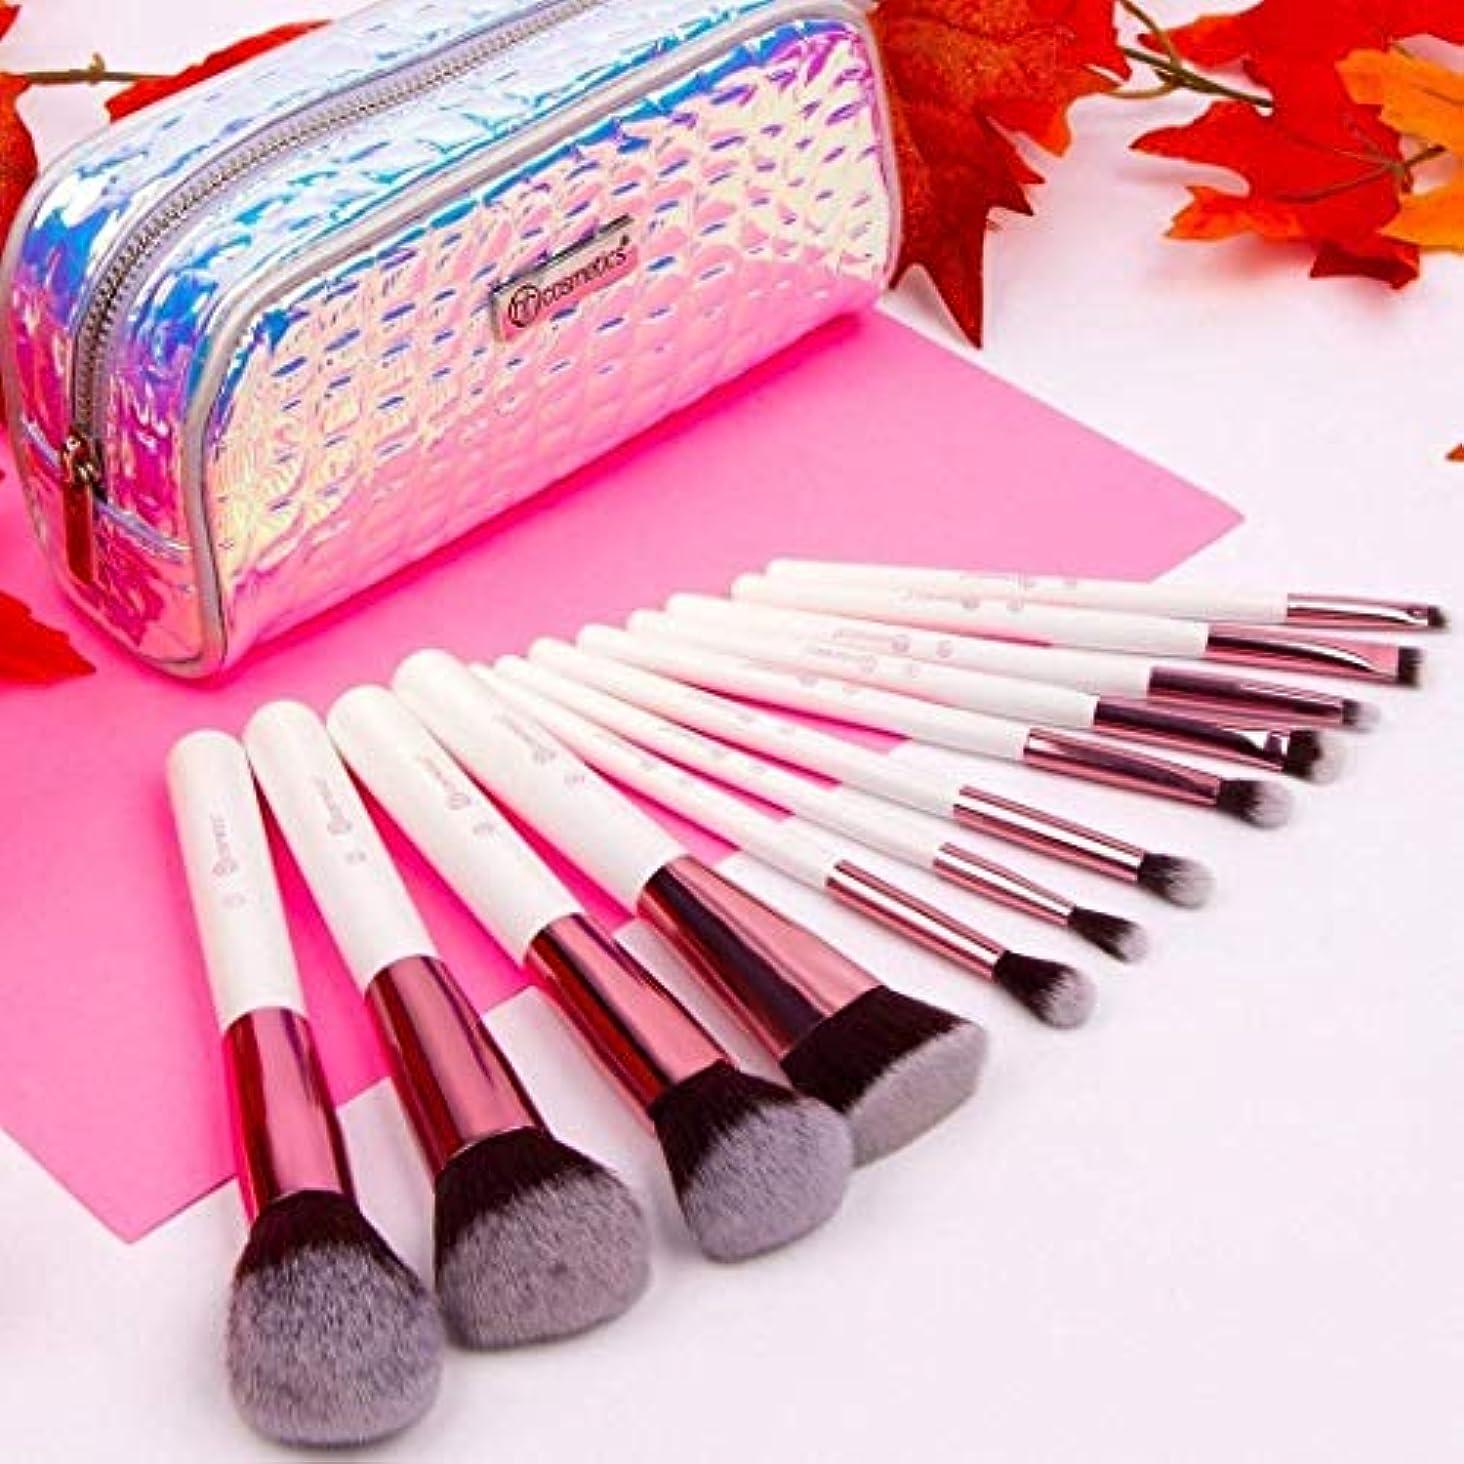 一月スラック十分なBH cosmetics メイクブラシ アイシャドウブラシ 化粧筆 12本セット コスメブラシ 多機能メイクブラシケース付き収納便利 (12本セット)